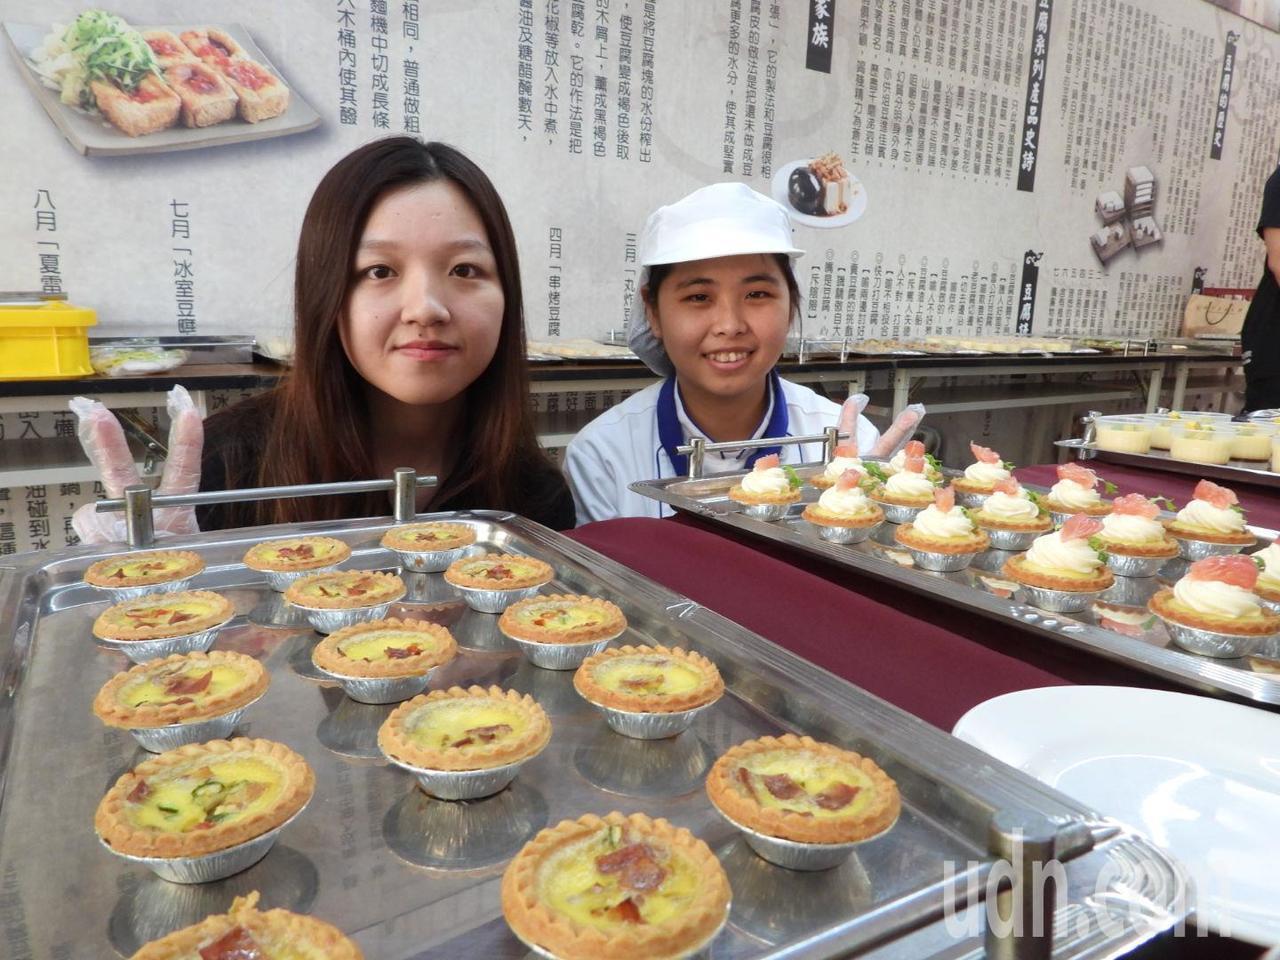 台首大餐飲系師生採用優質台南雞蛋,製作各種精緻點心。記者周宗禎/攝影